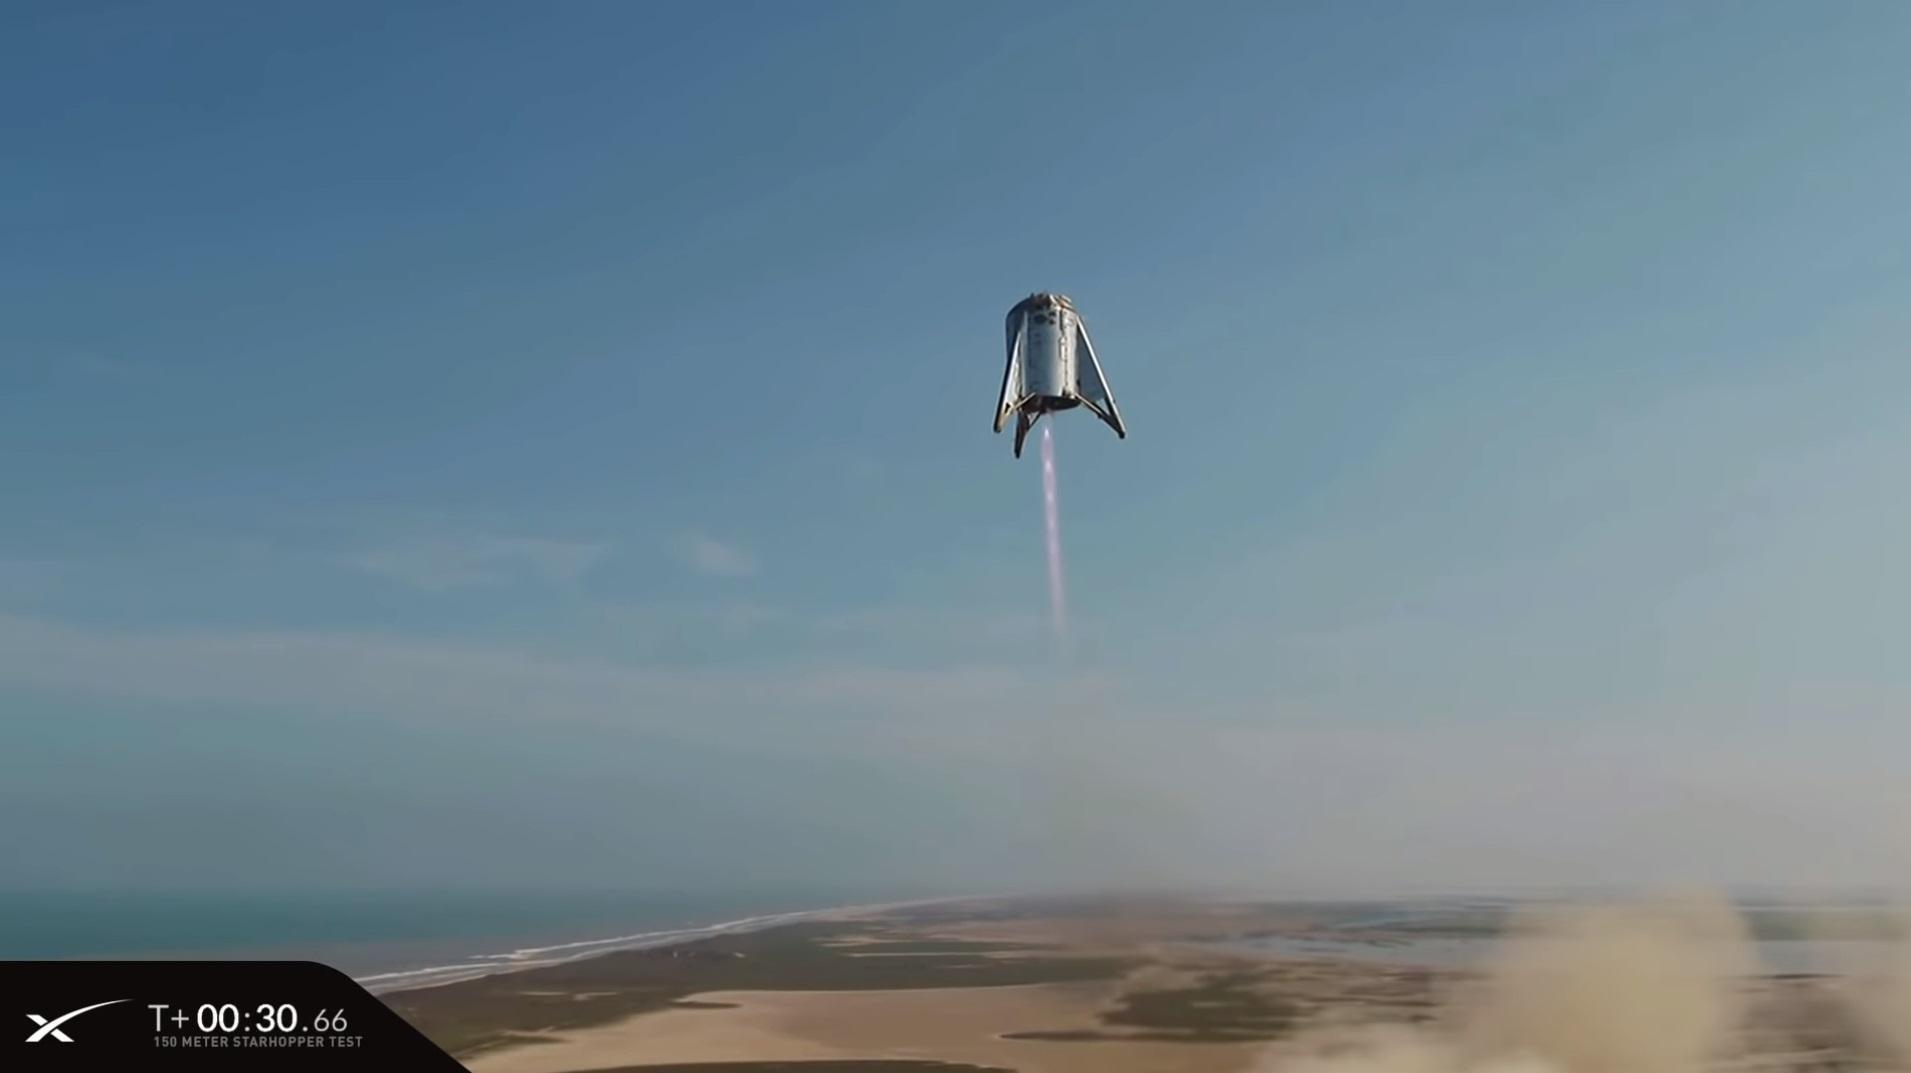 SpaceX провела летные испытания прототипа ракеты Starship — взлет на высоту 150 метров и мягкая посадка на площадку - 5